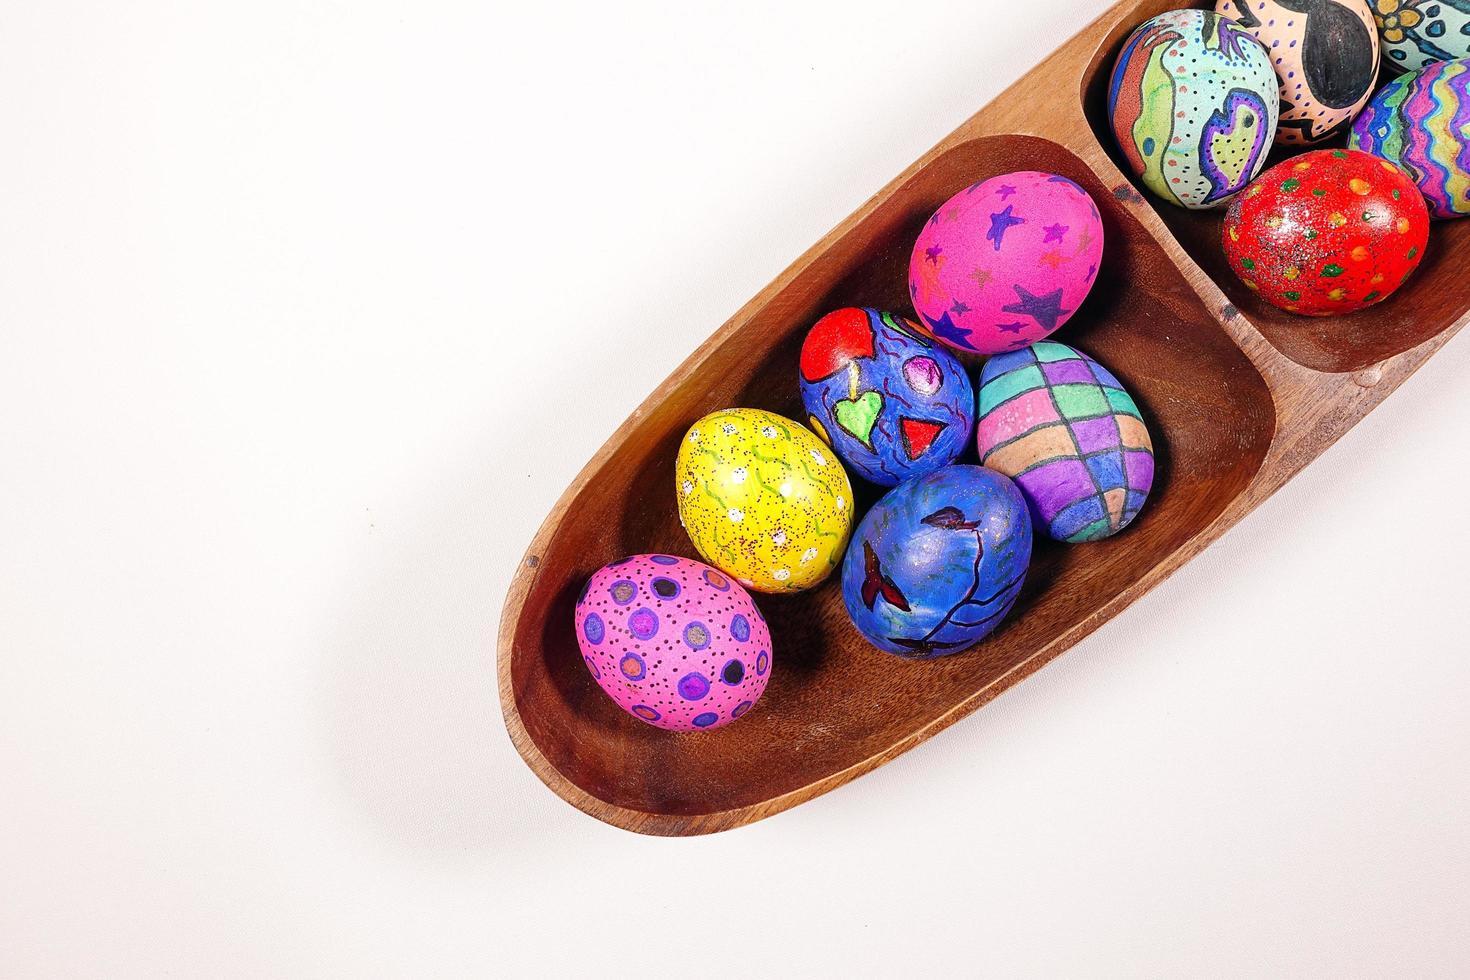 oeufs de pâques colorés pascals dans une assiette en bois photo